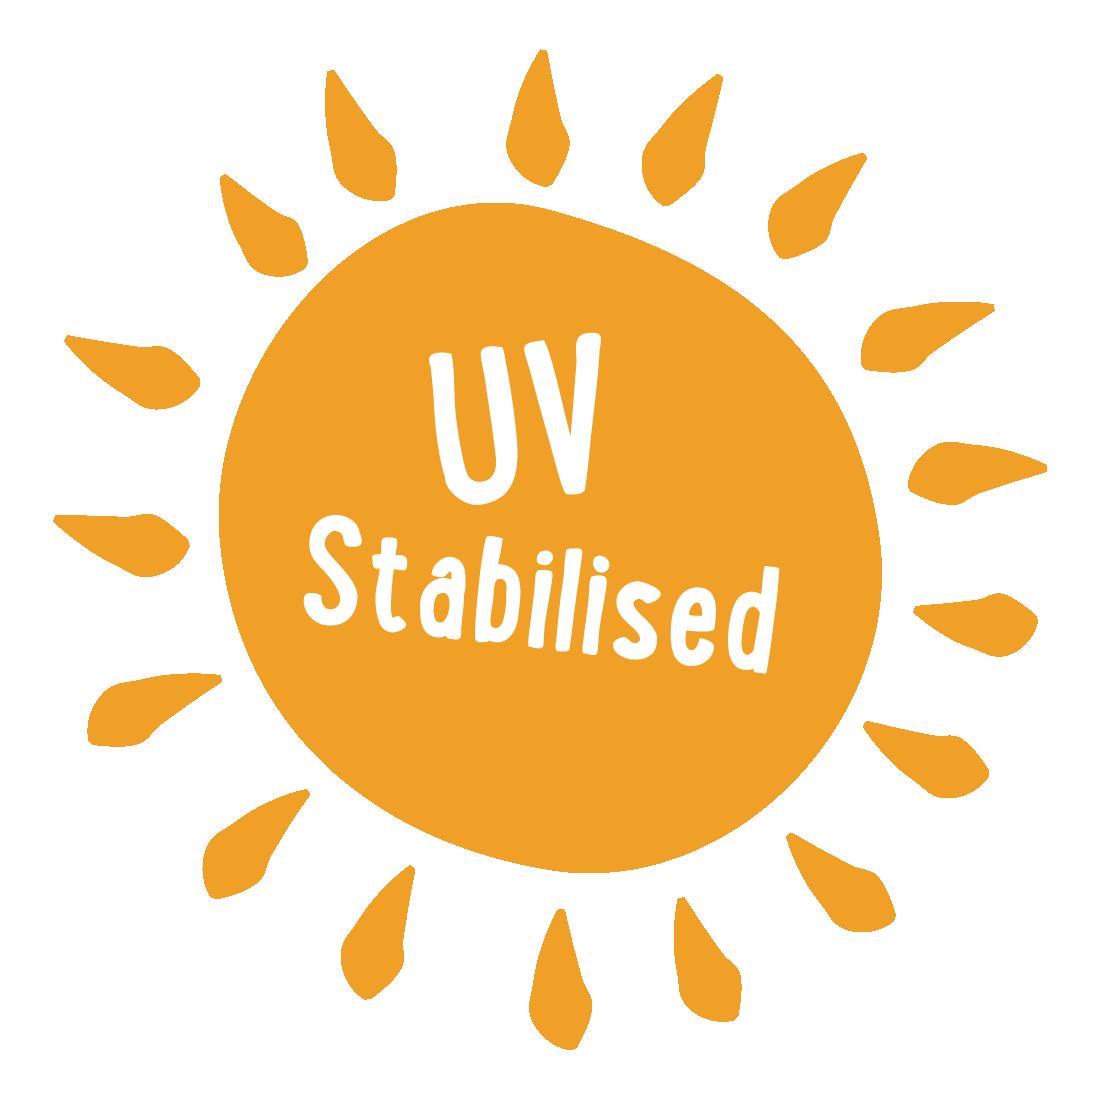 UV Stabilised